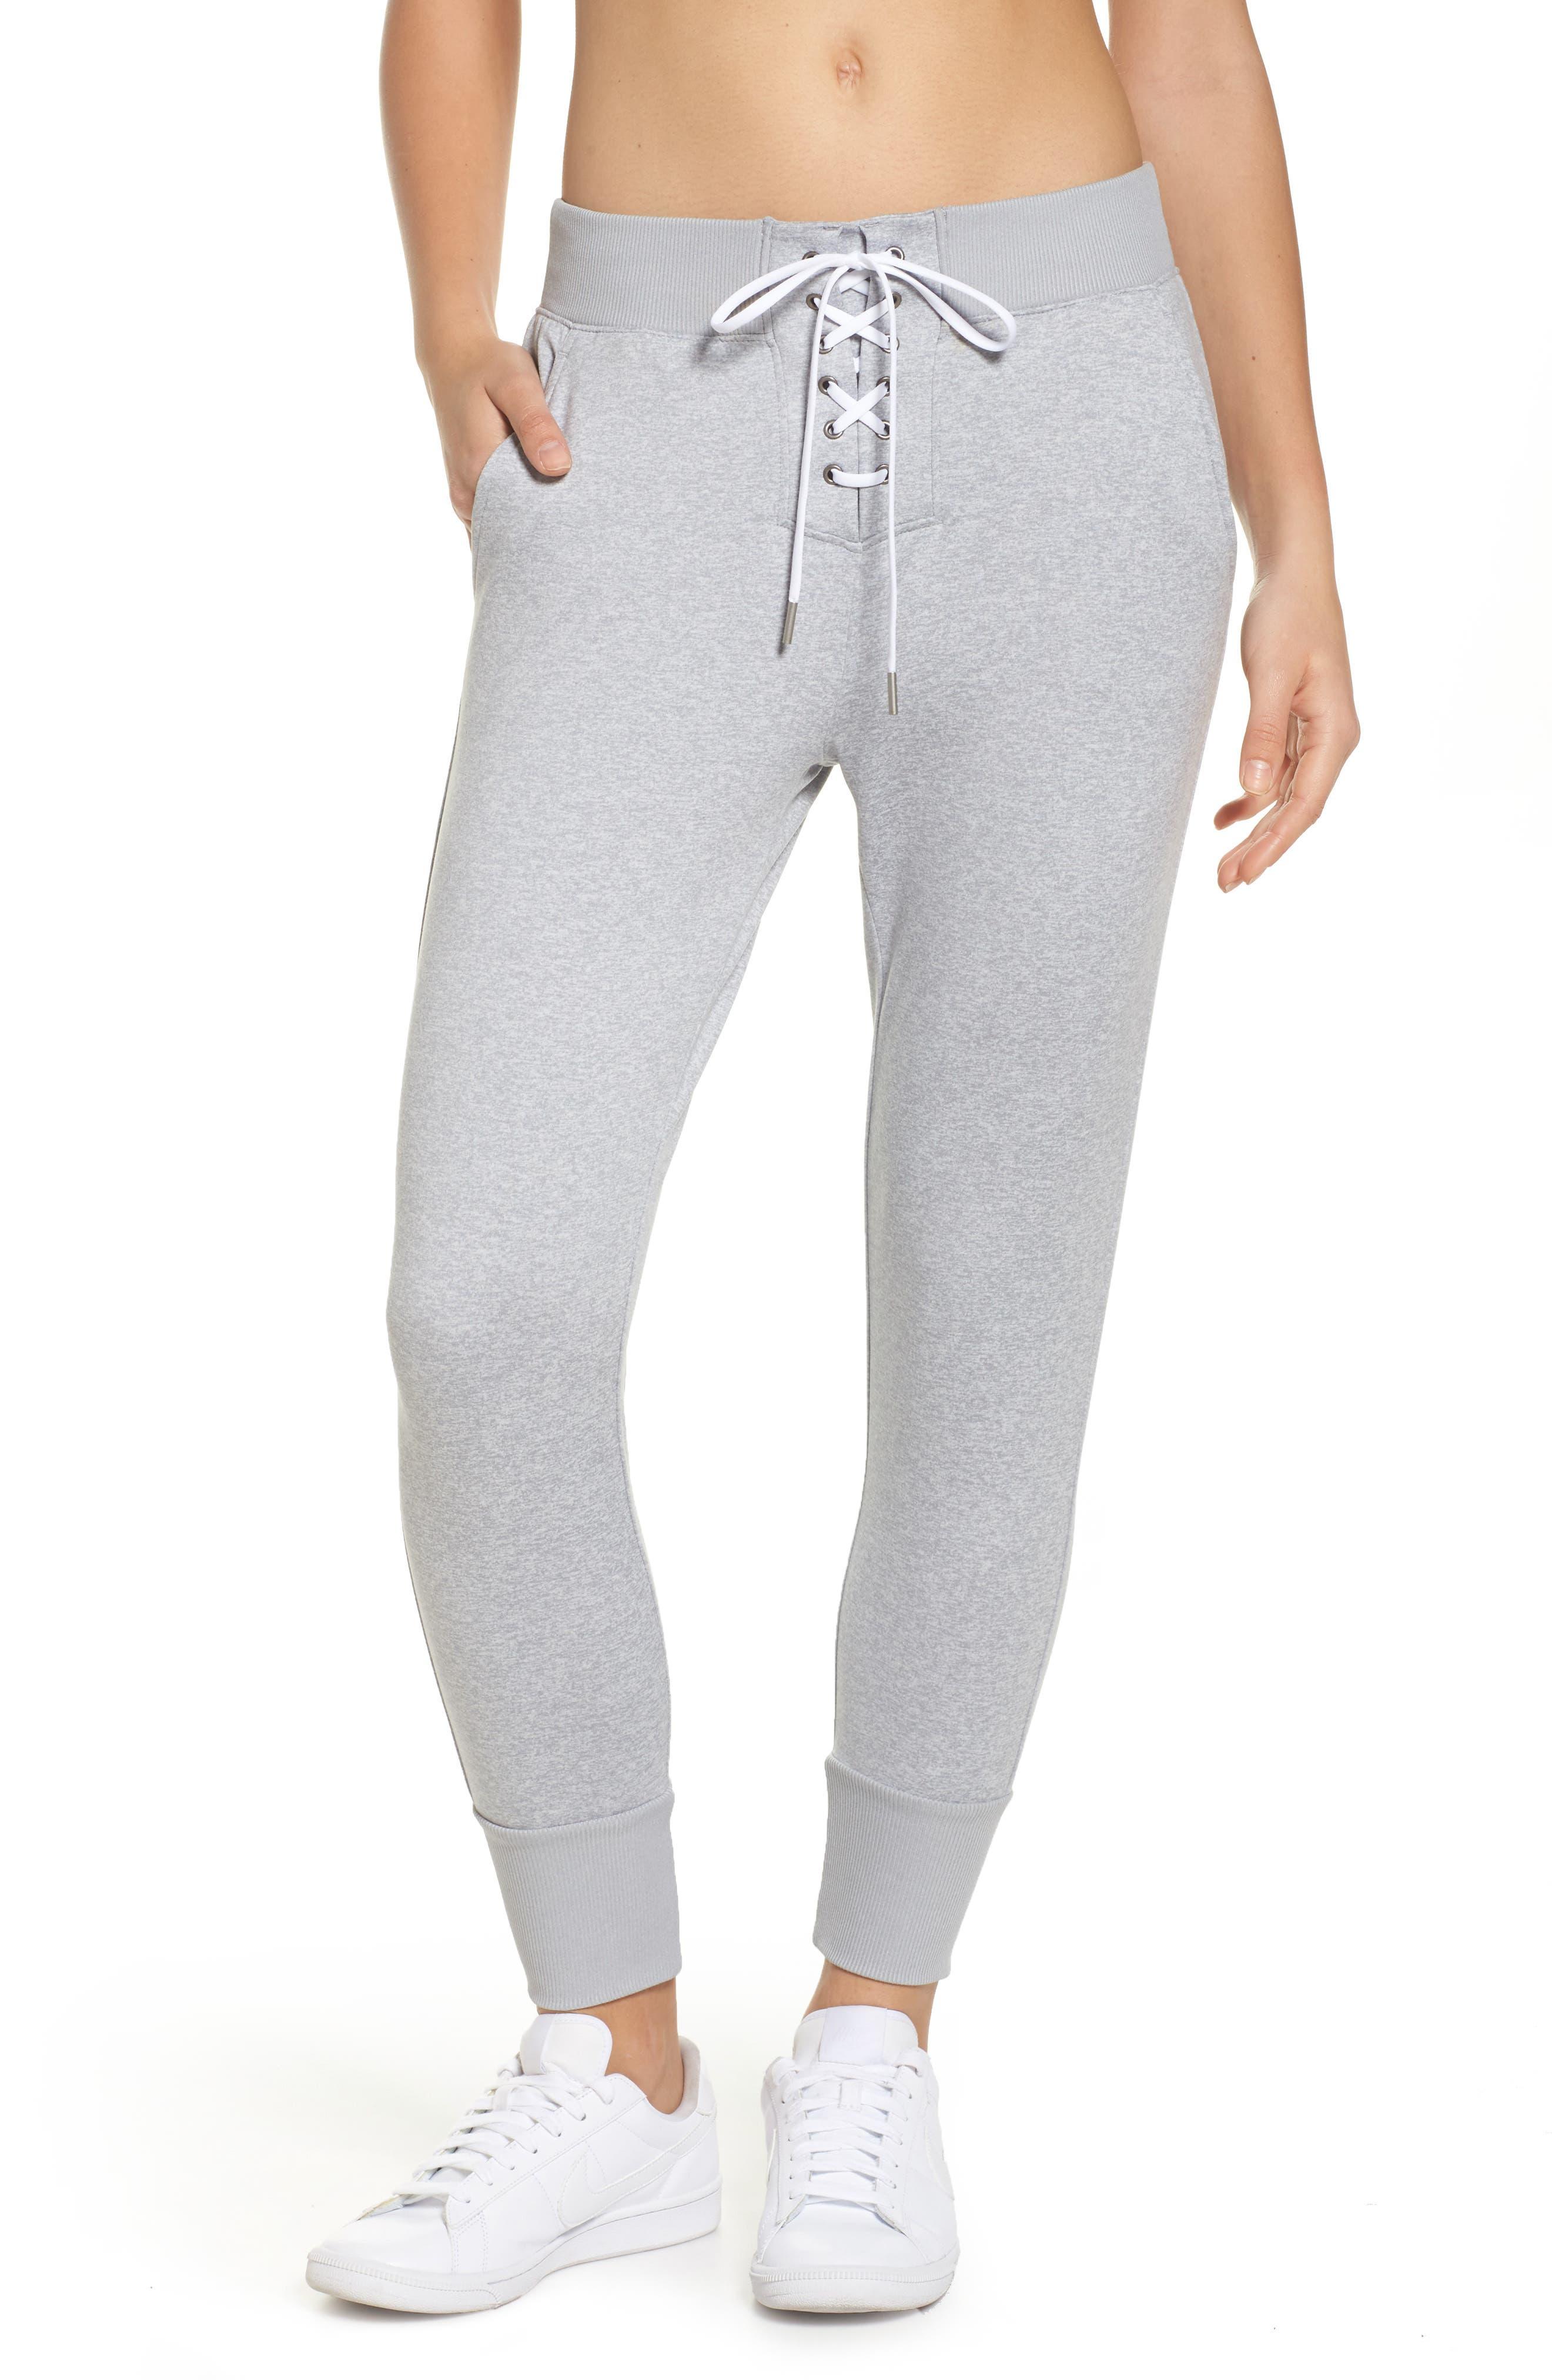 Lace & Repeat Crop Pants,                         Main,                         color, Grey Wolf Melange